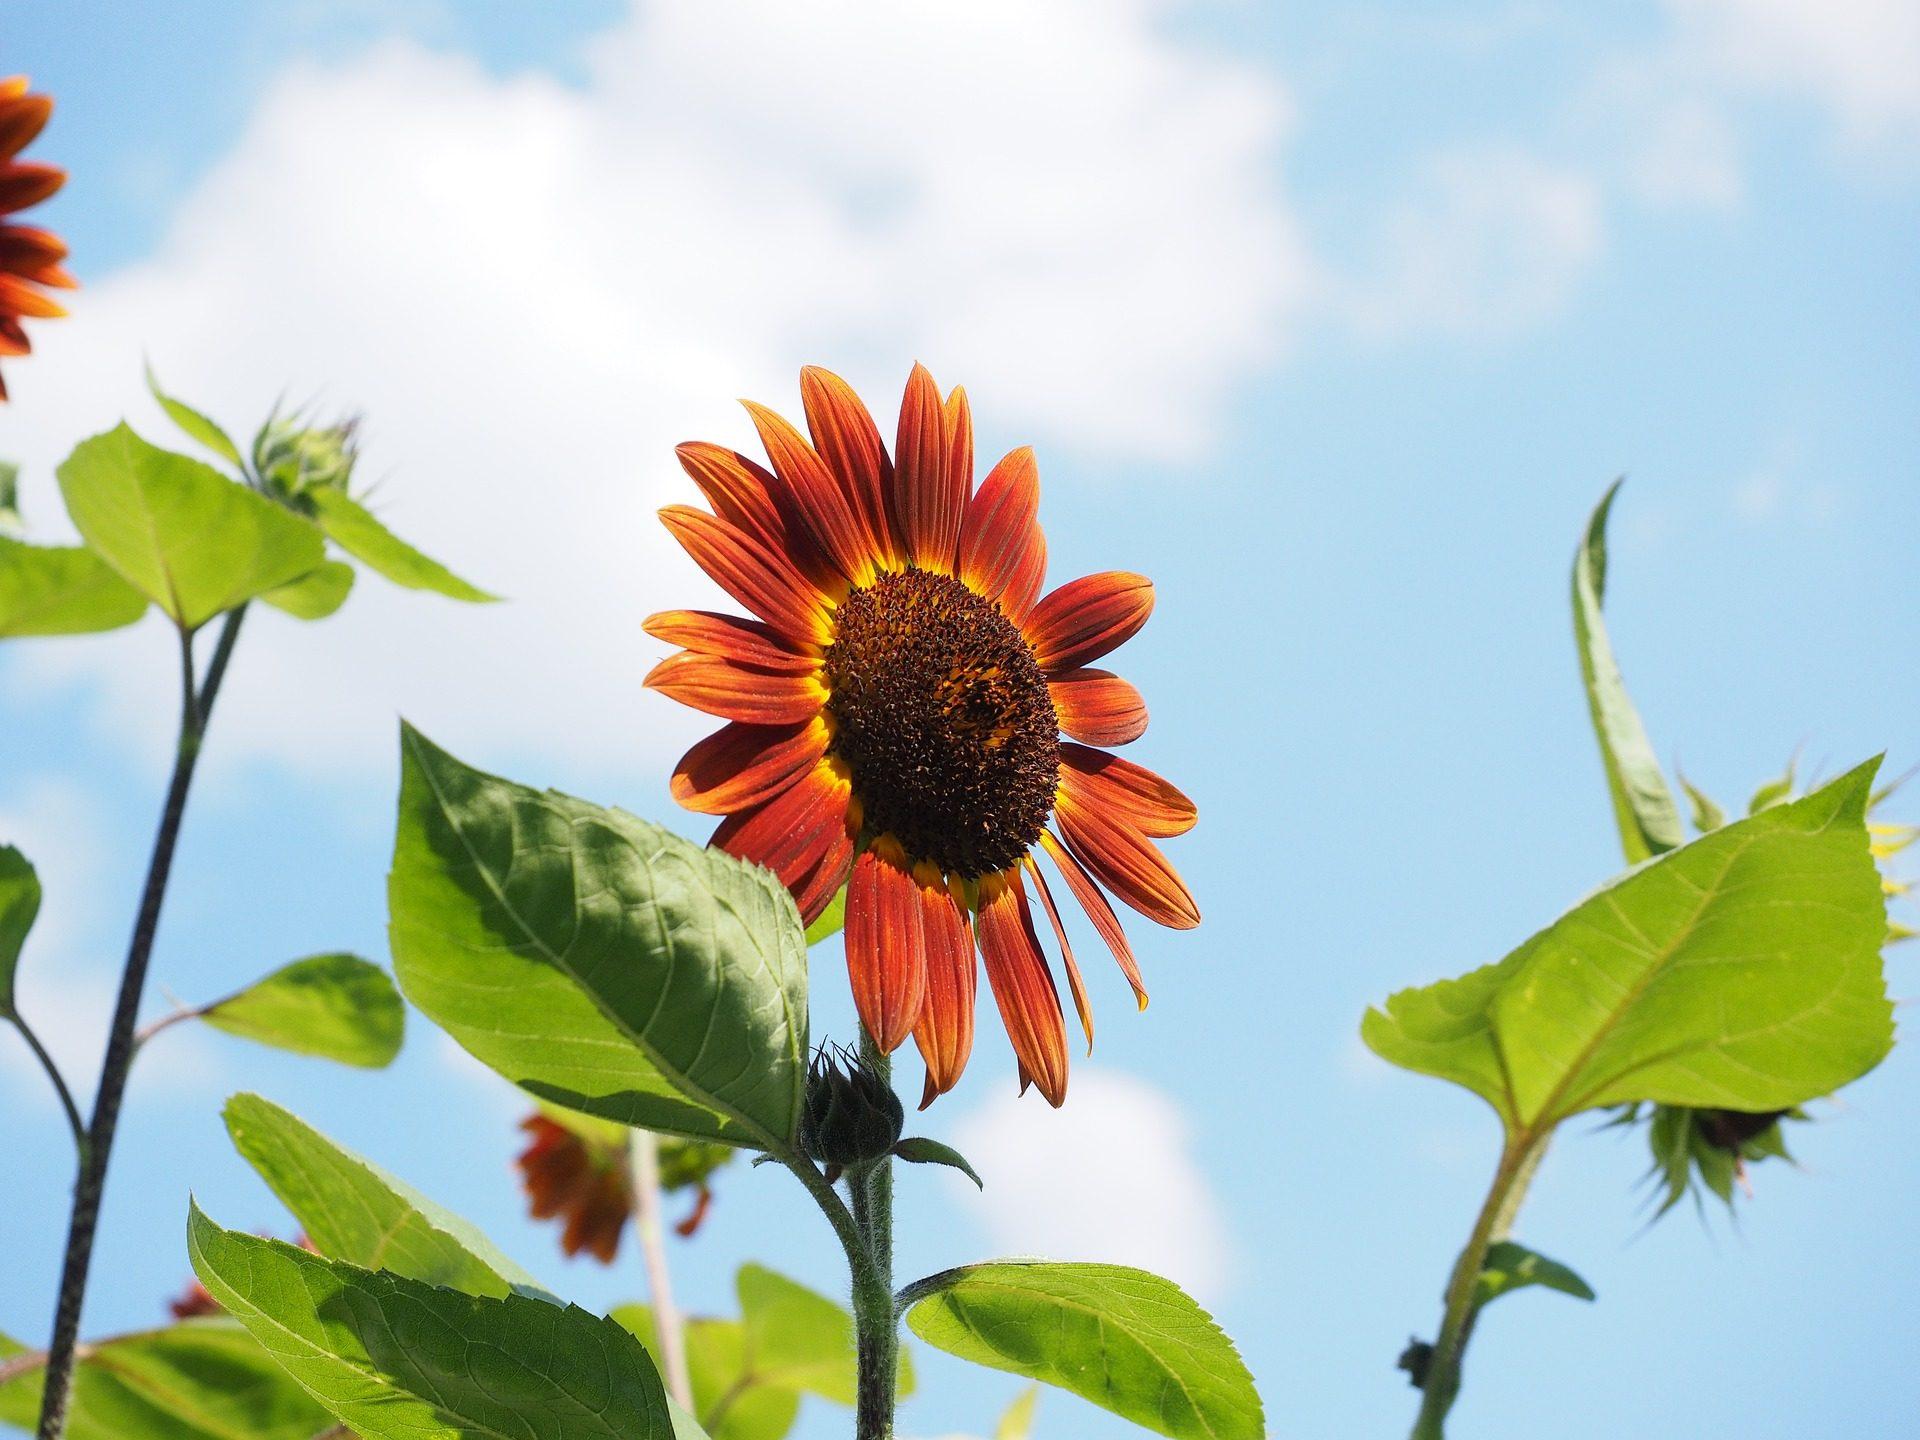 Sonnenblume, Rot, Blume, Pflanzen, Blätter - Wallpaper HD - Prof.-falken.com